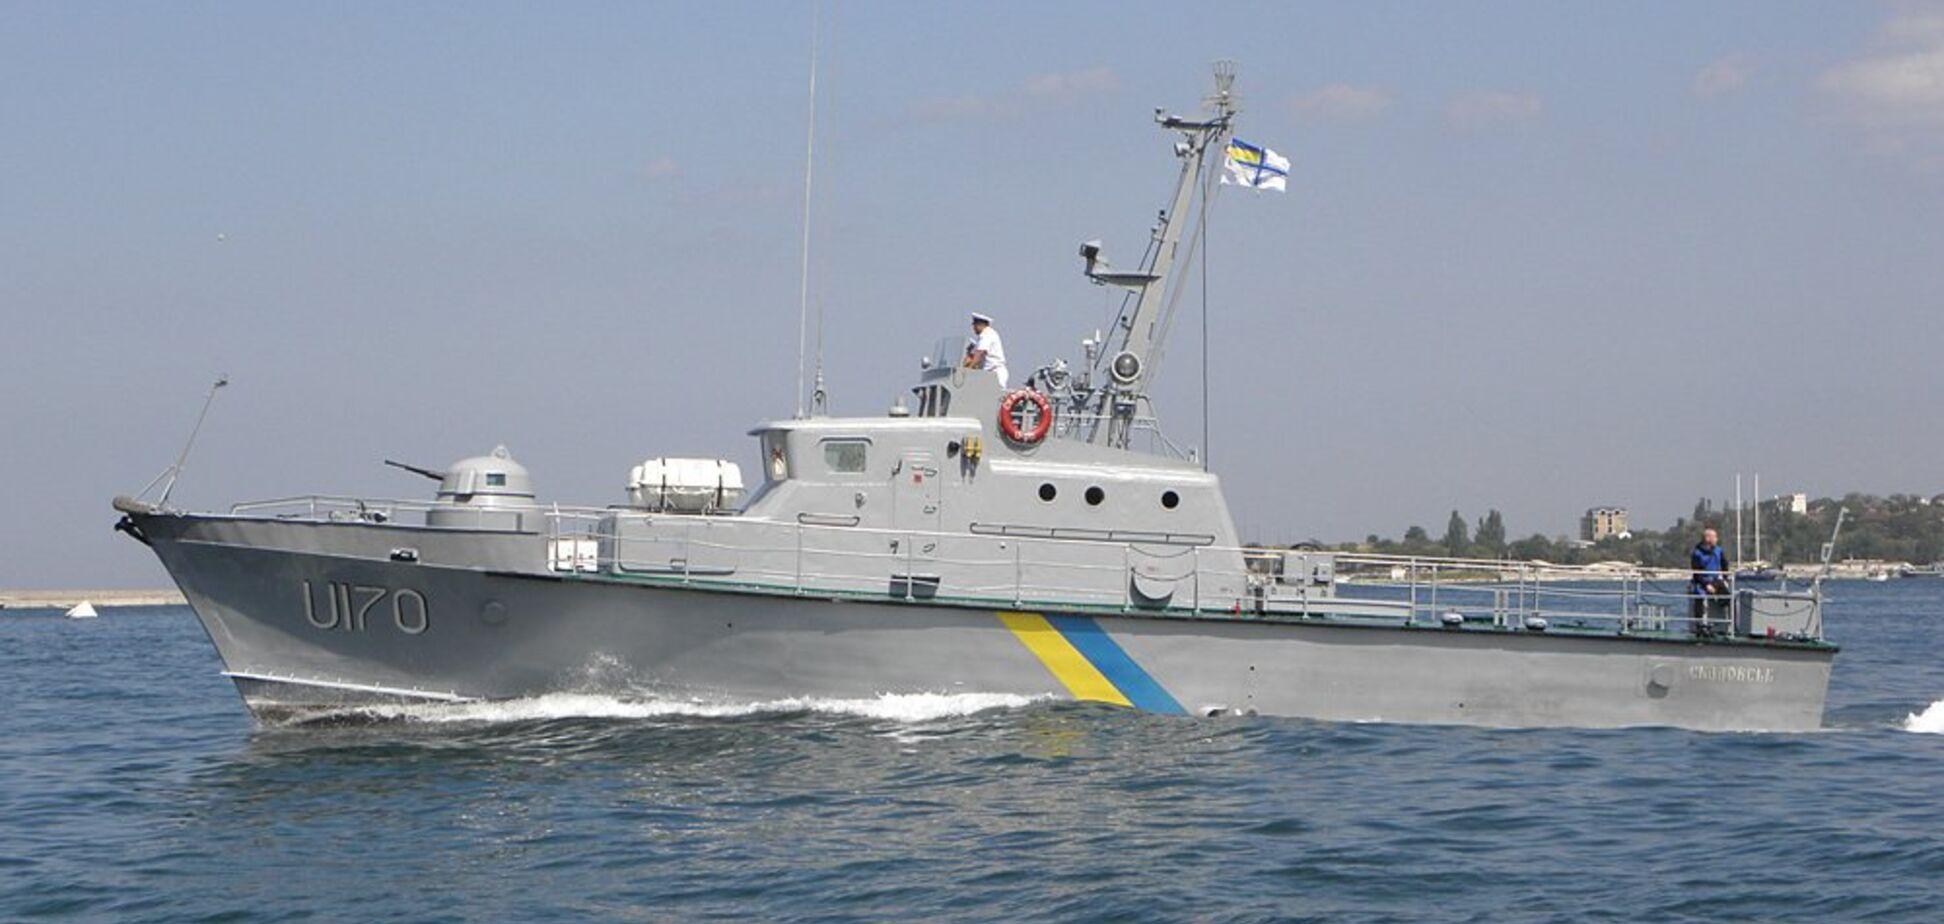 Украина усилит Азовское и Черное моря десятками катеров